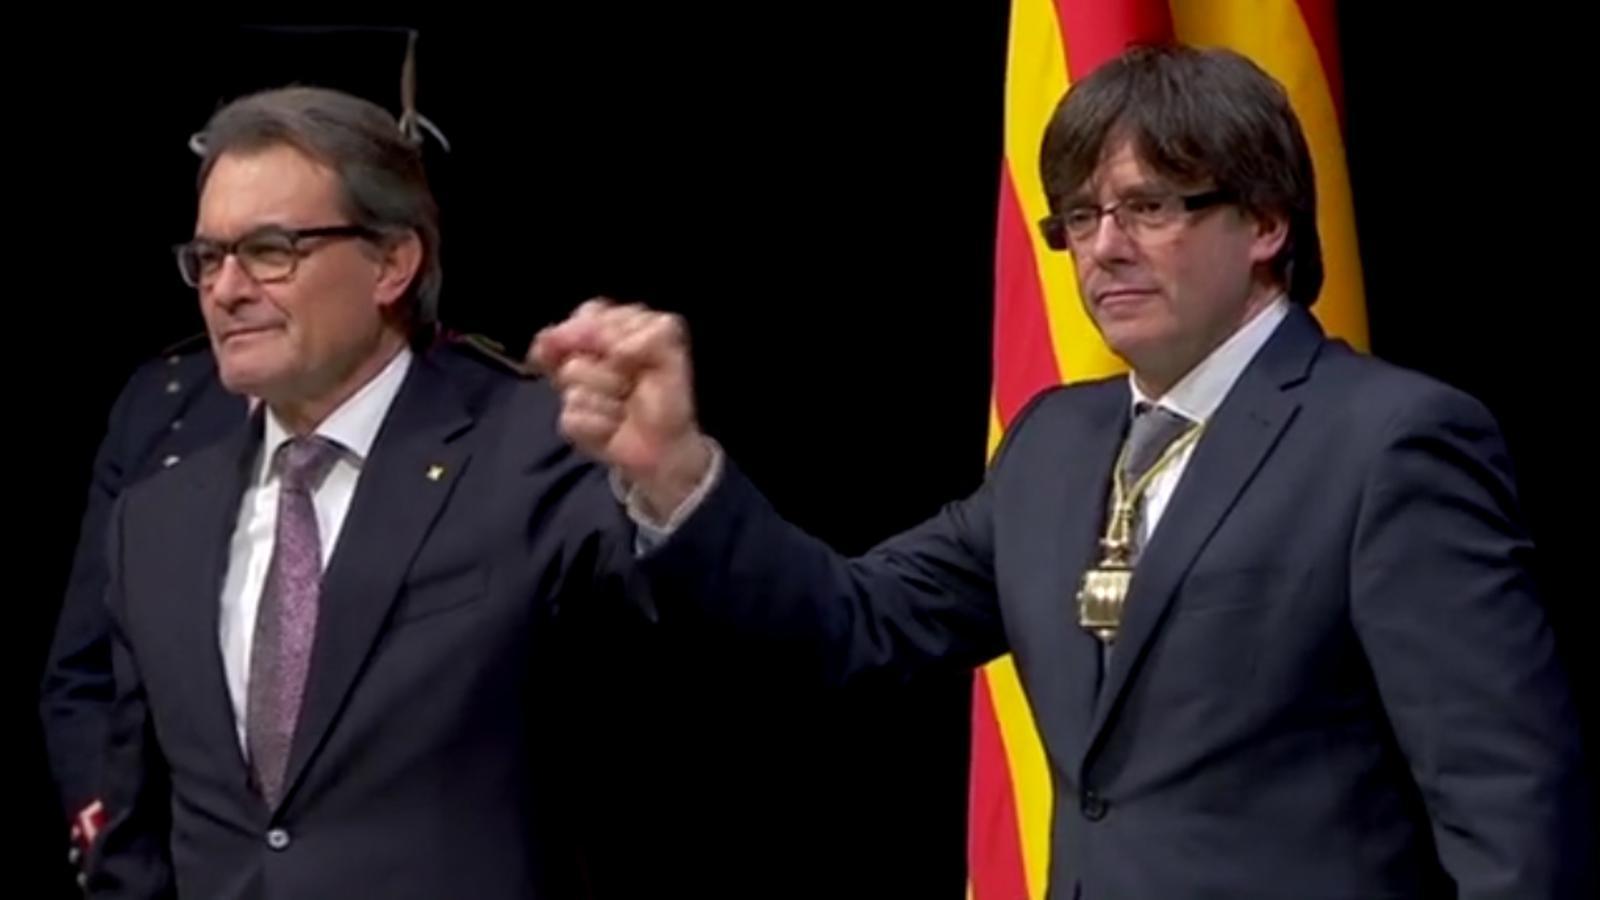 Els 'hits' del discurs de comiat d'Artur Mas i el de presa de possessió de Puigdemont